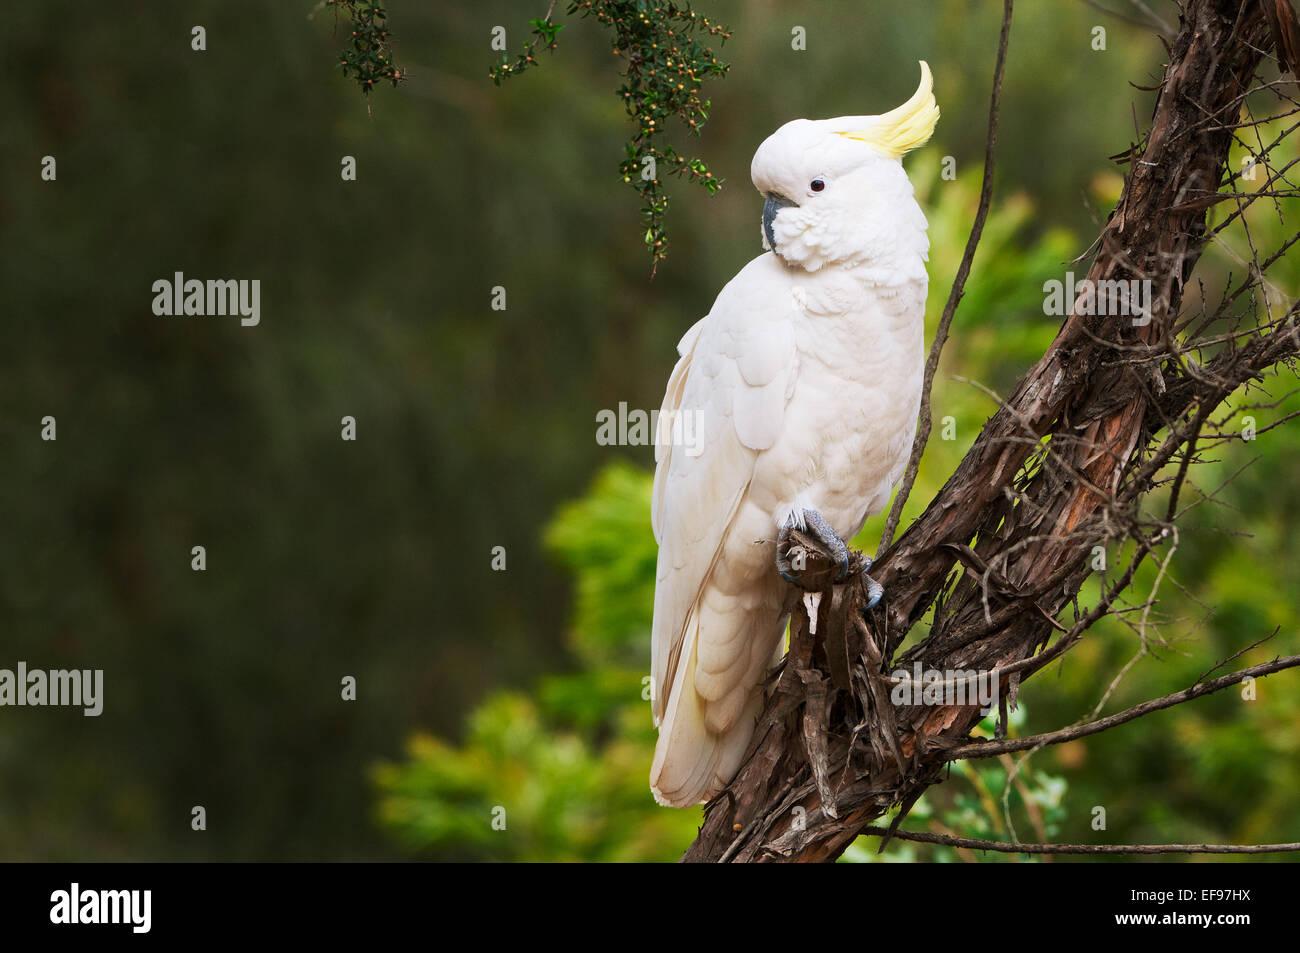 Schwefel-crested Cockatoo sitzt in einem Baum. Stockbild